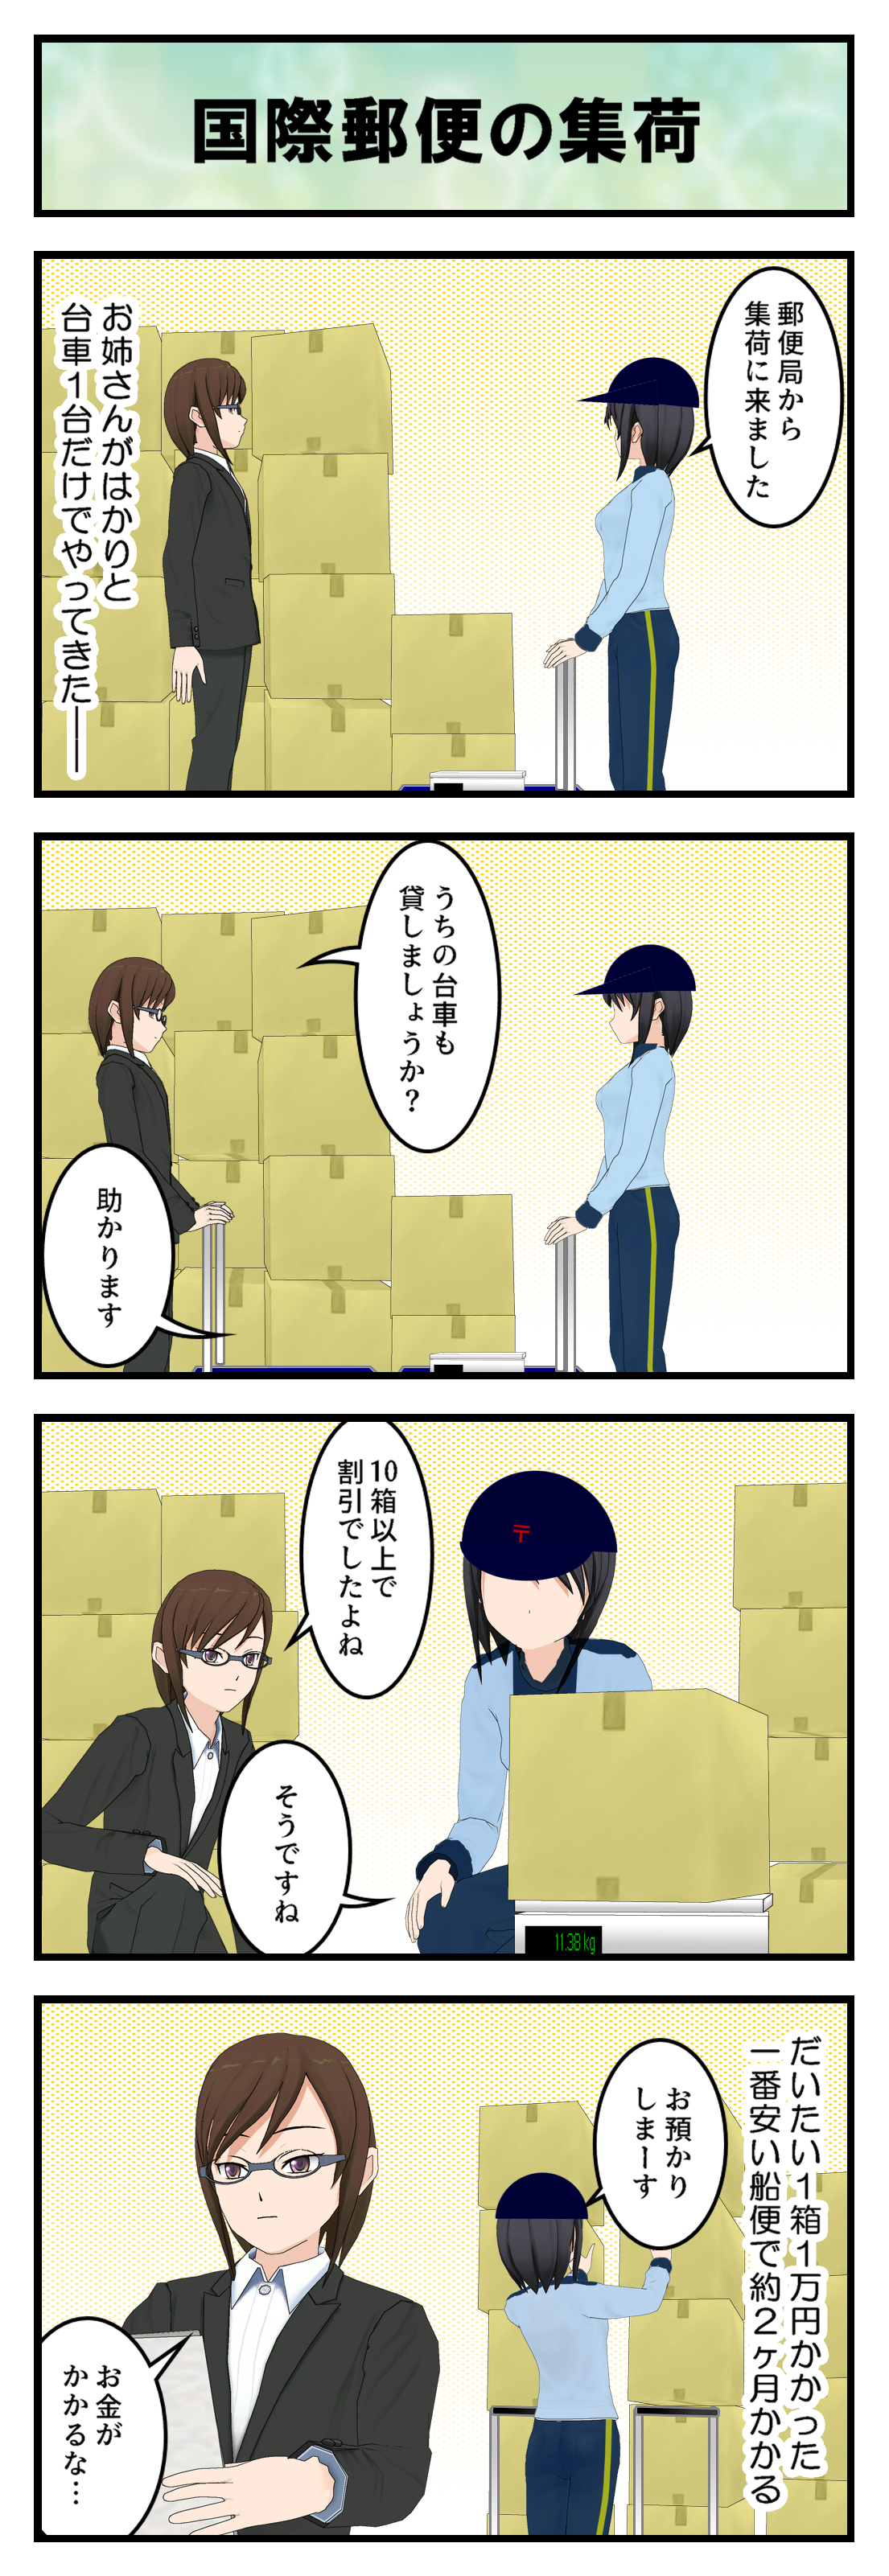 Q155_集荷_001